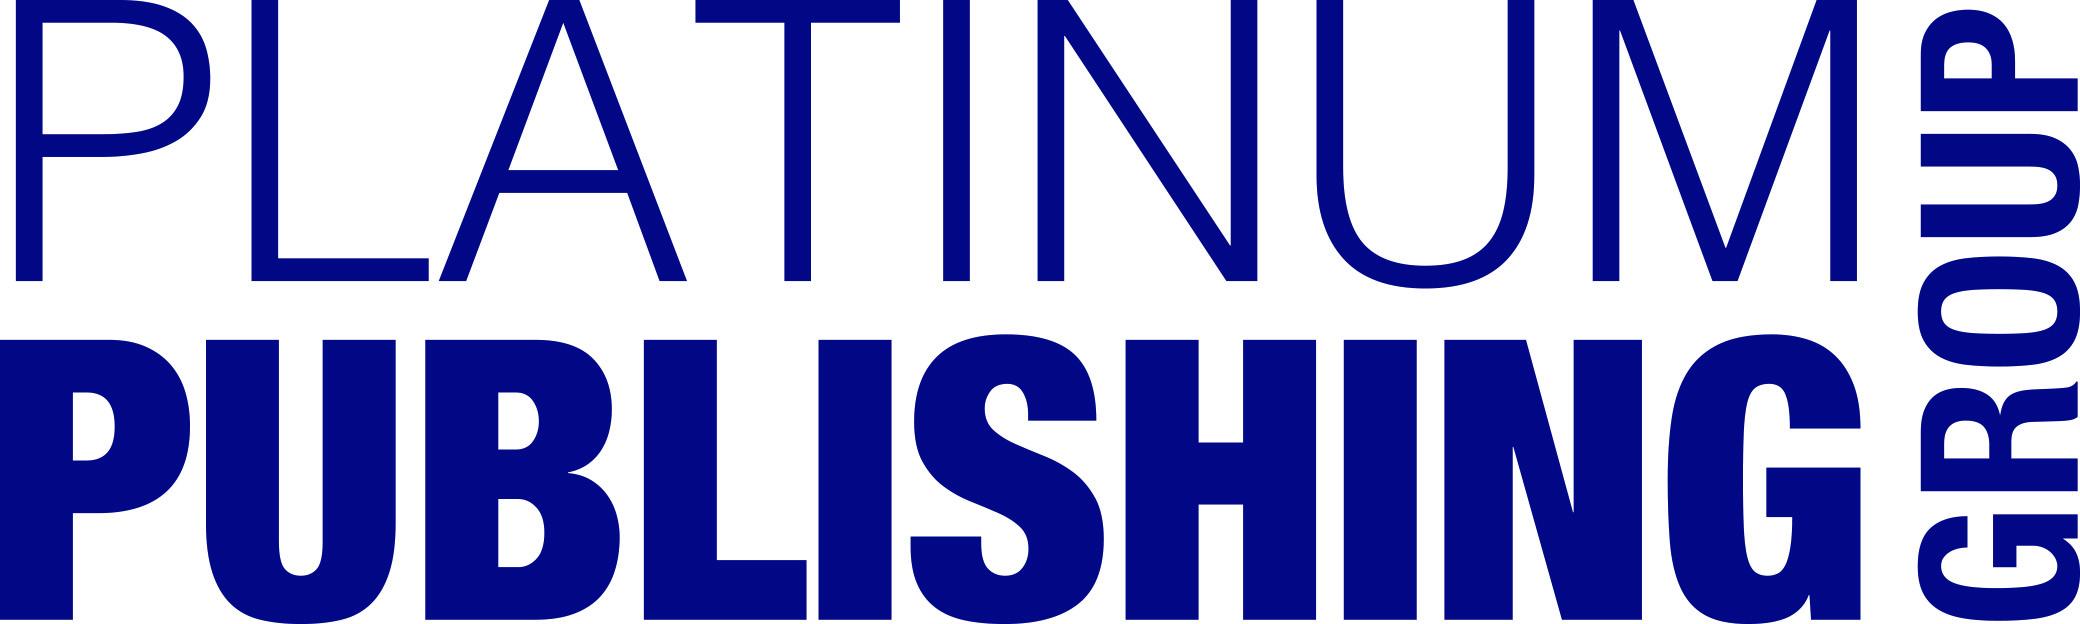 Platinum Publishing Group LOGO blue